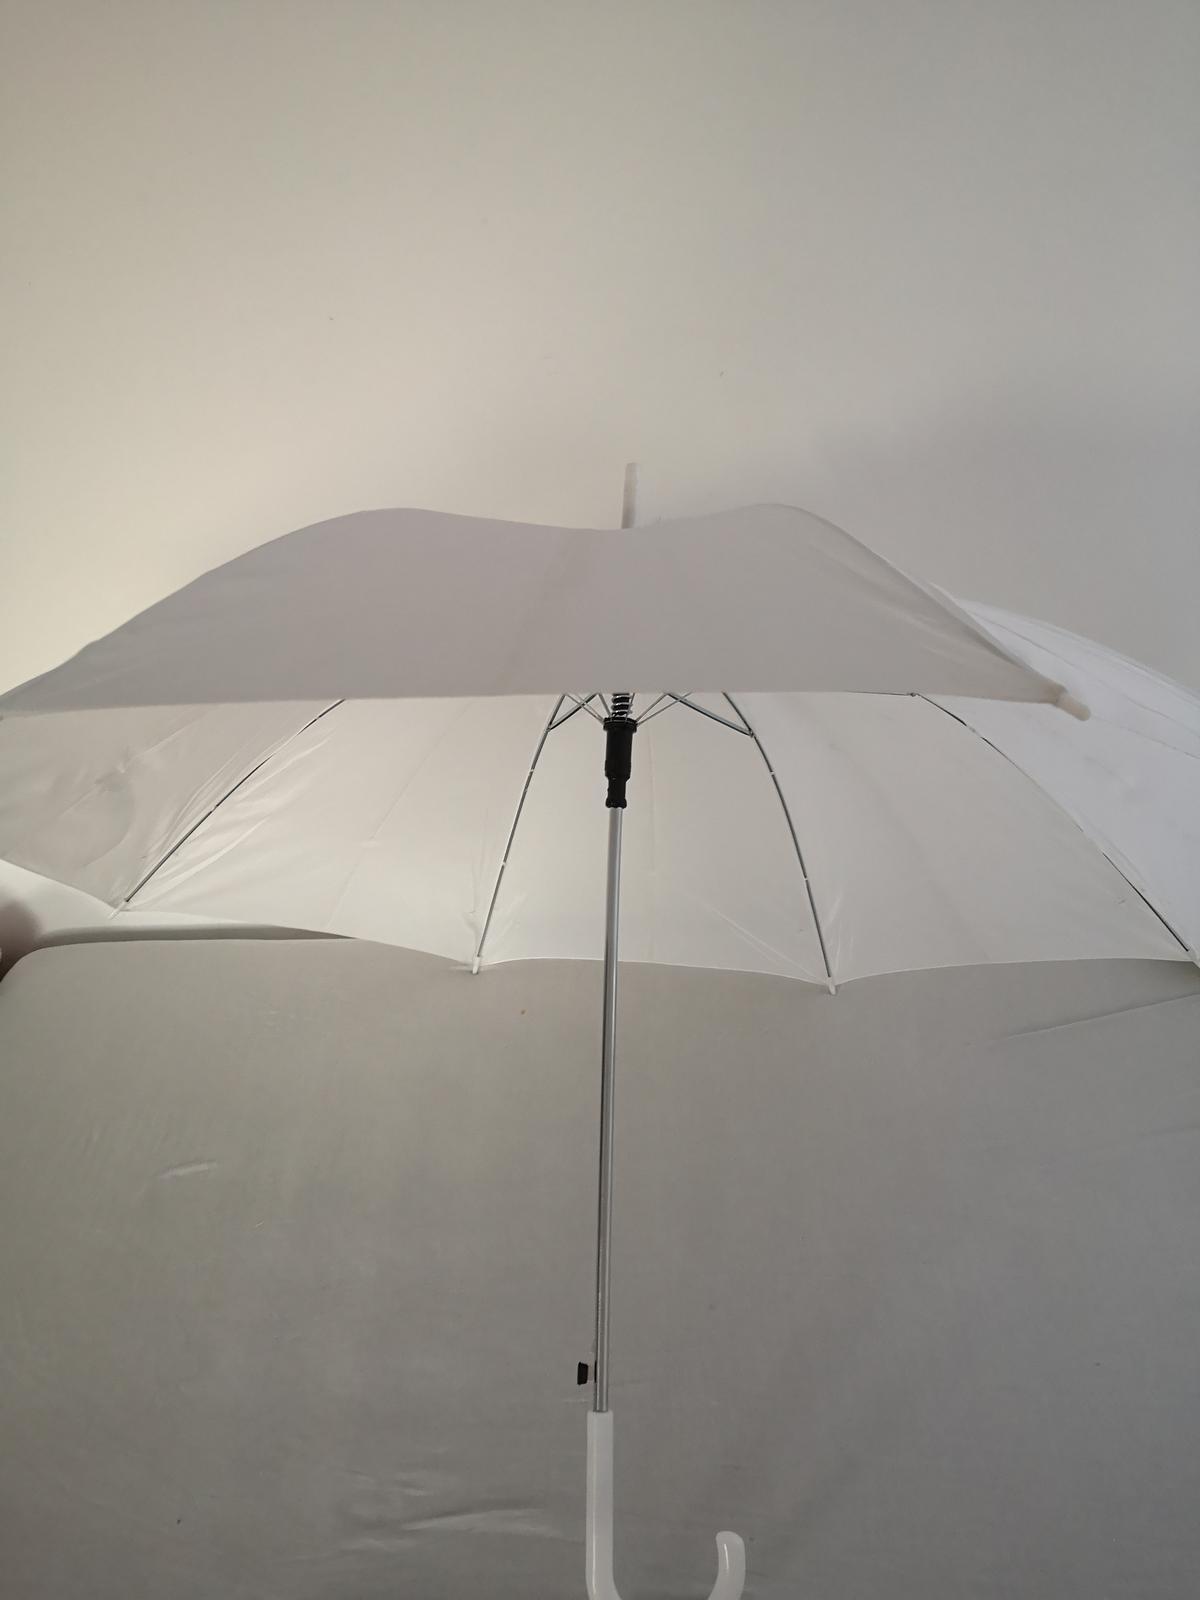 Daždnik - Obrázok č. 1